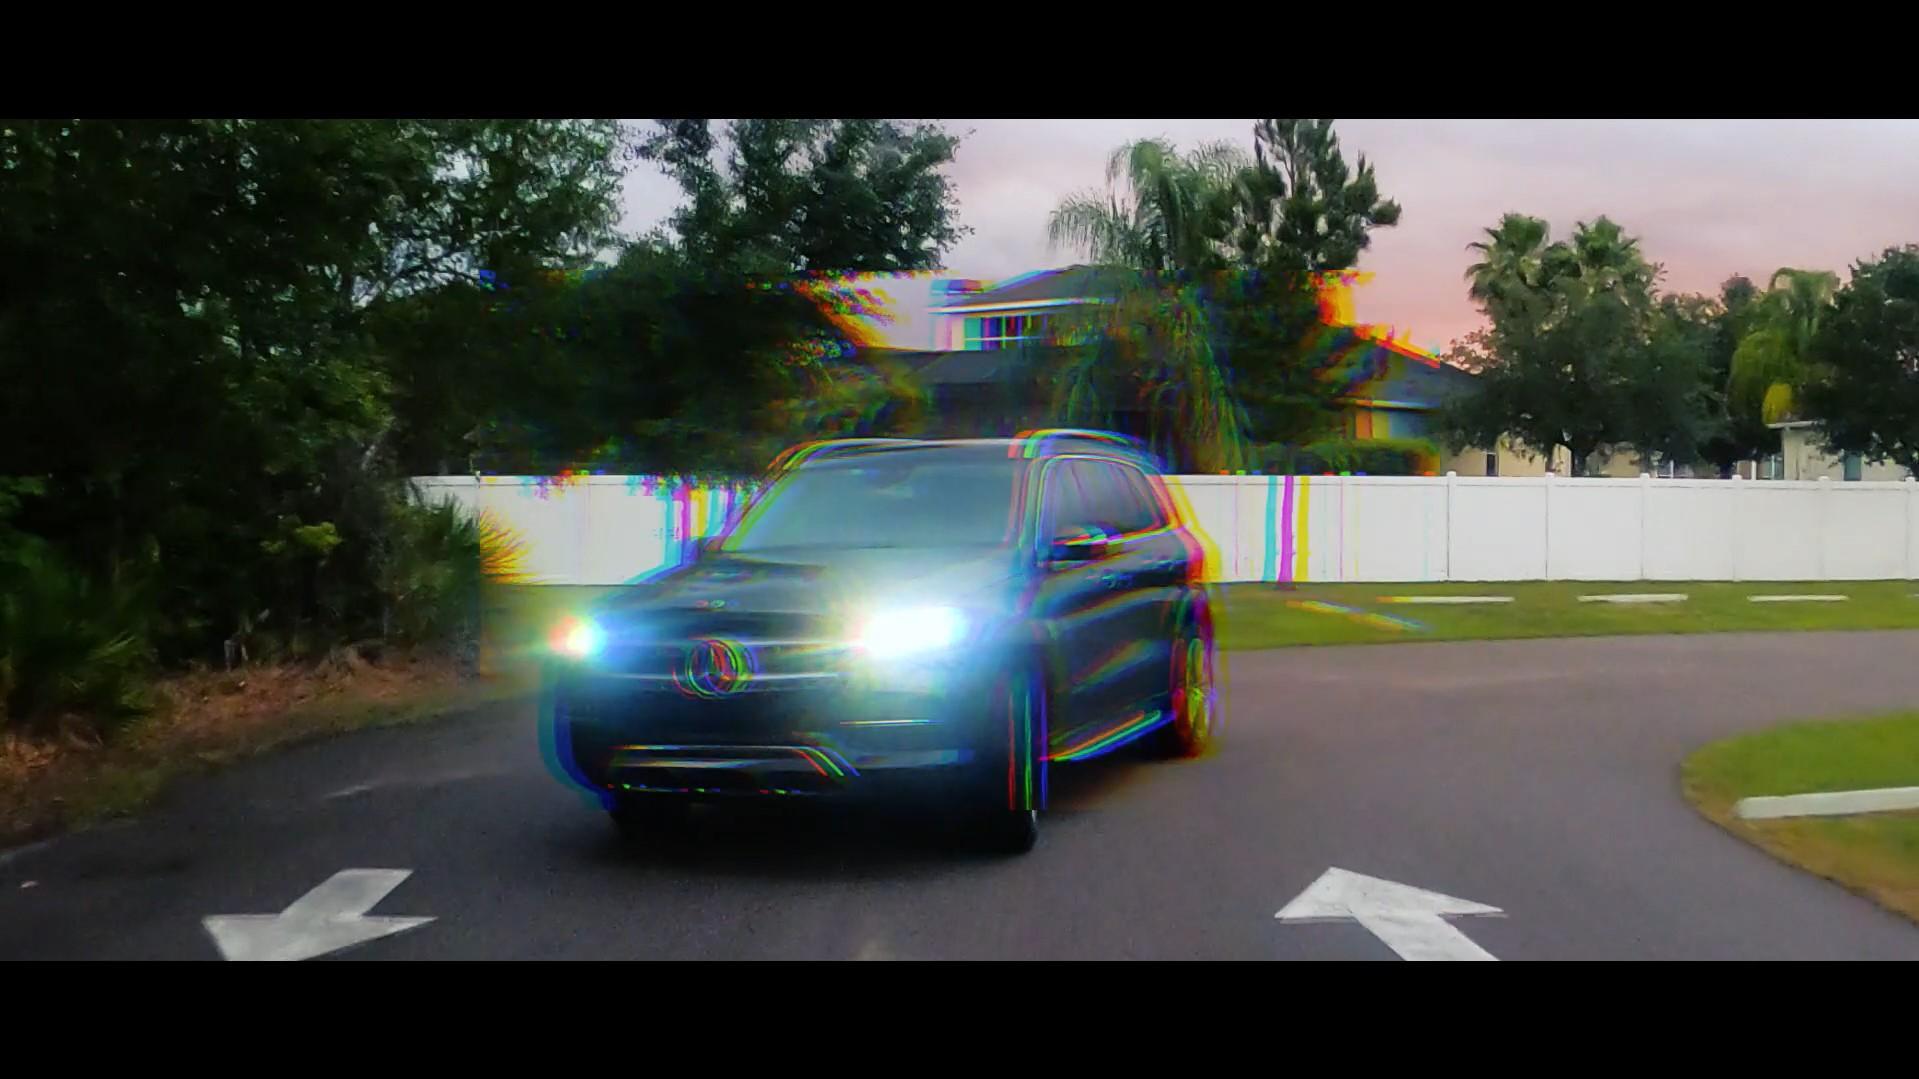 Монтаж видео для YouTube фото f_6325ebeab6ef2176.jpg